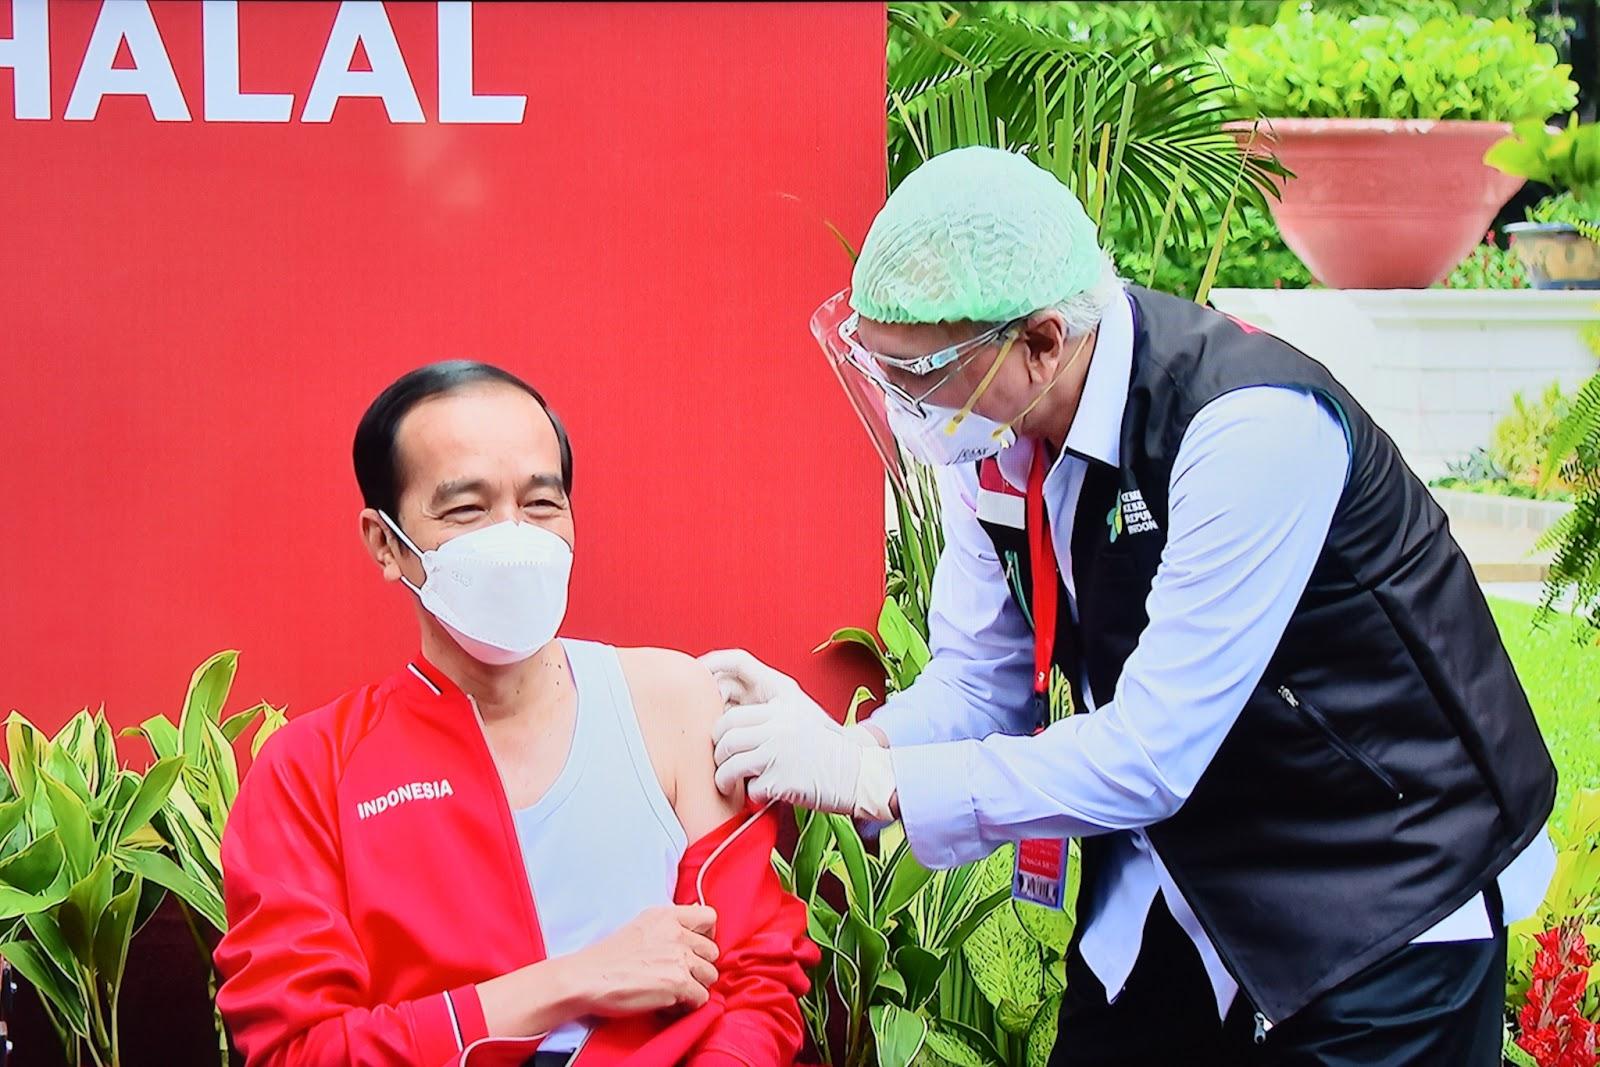 Ini Kesan Presiden Jokowi Usai Disuntik Vaksin COVID-19 Dosis Kedua